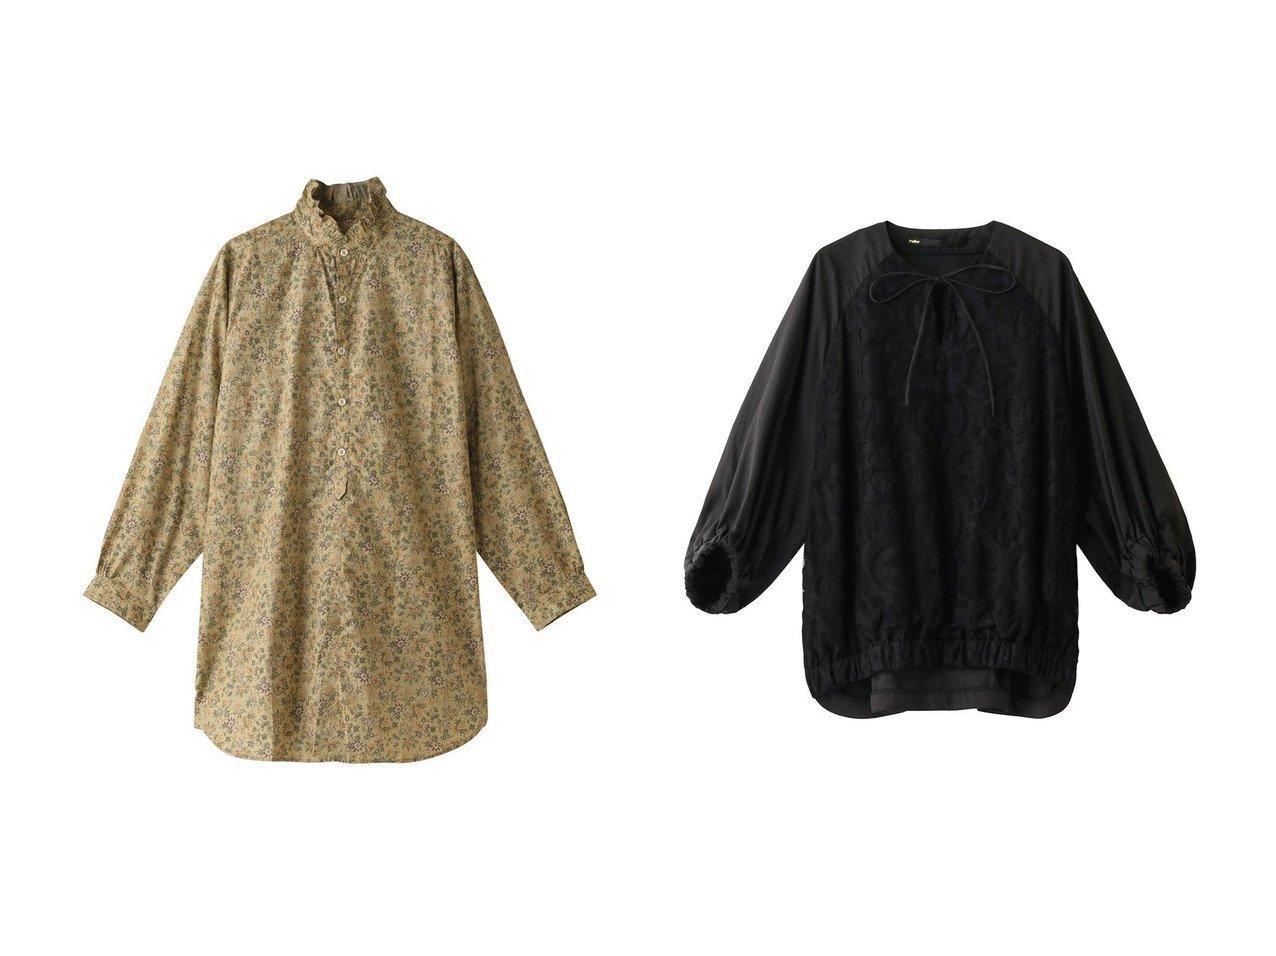 【nanadecor/ナナデコール】のフラワーRMシャツチュニック&【muller of yoshiokubo/ミュラー オブ ヨシオクボ】のウォールレースブラウス トップス・カットソーのおすすめ!人気、レディースファッションの通販  おすすめで人気のファッション通販商品 インテリア・家具・キッズファッション・メンズファッション・レディースファッション・服の通販 founy(ファニー) https://founy.com/ ファッション Fashion レディース WOMEN トップス Tops Tshirt シャツ/ブラウス Shirts Blouses スリーブ チュニック フェミニン フラワー フリル プリント ロング |ID:crp329100000000752